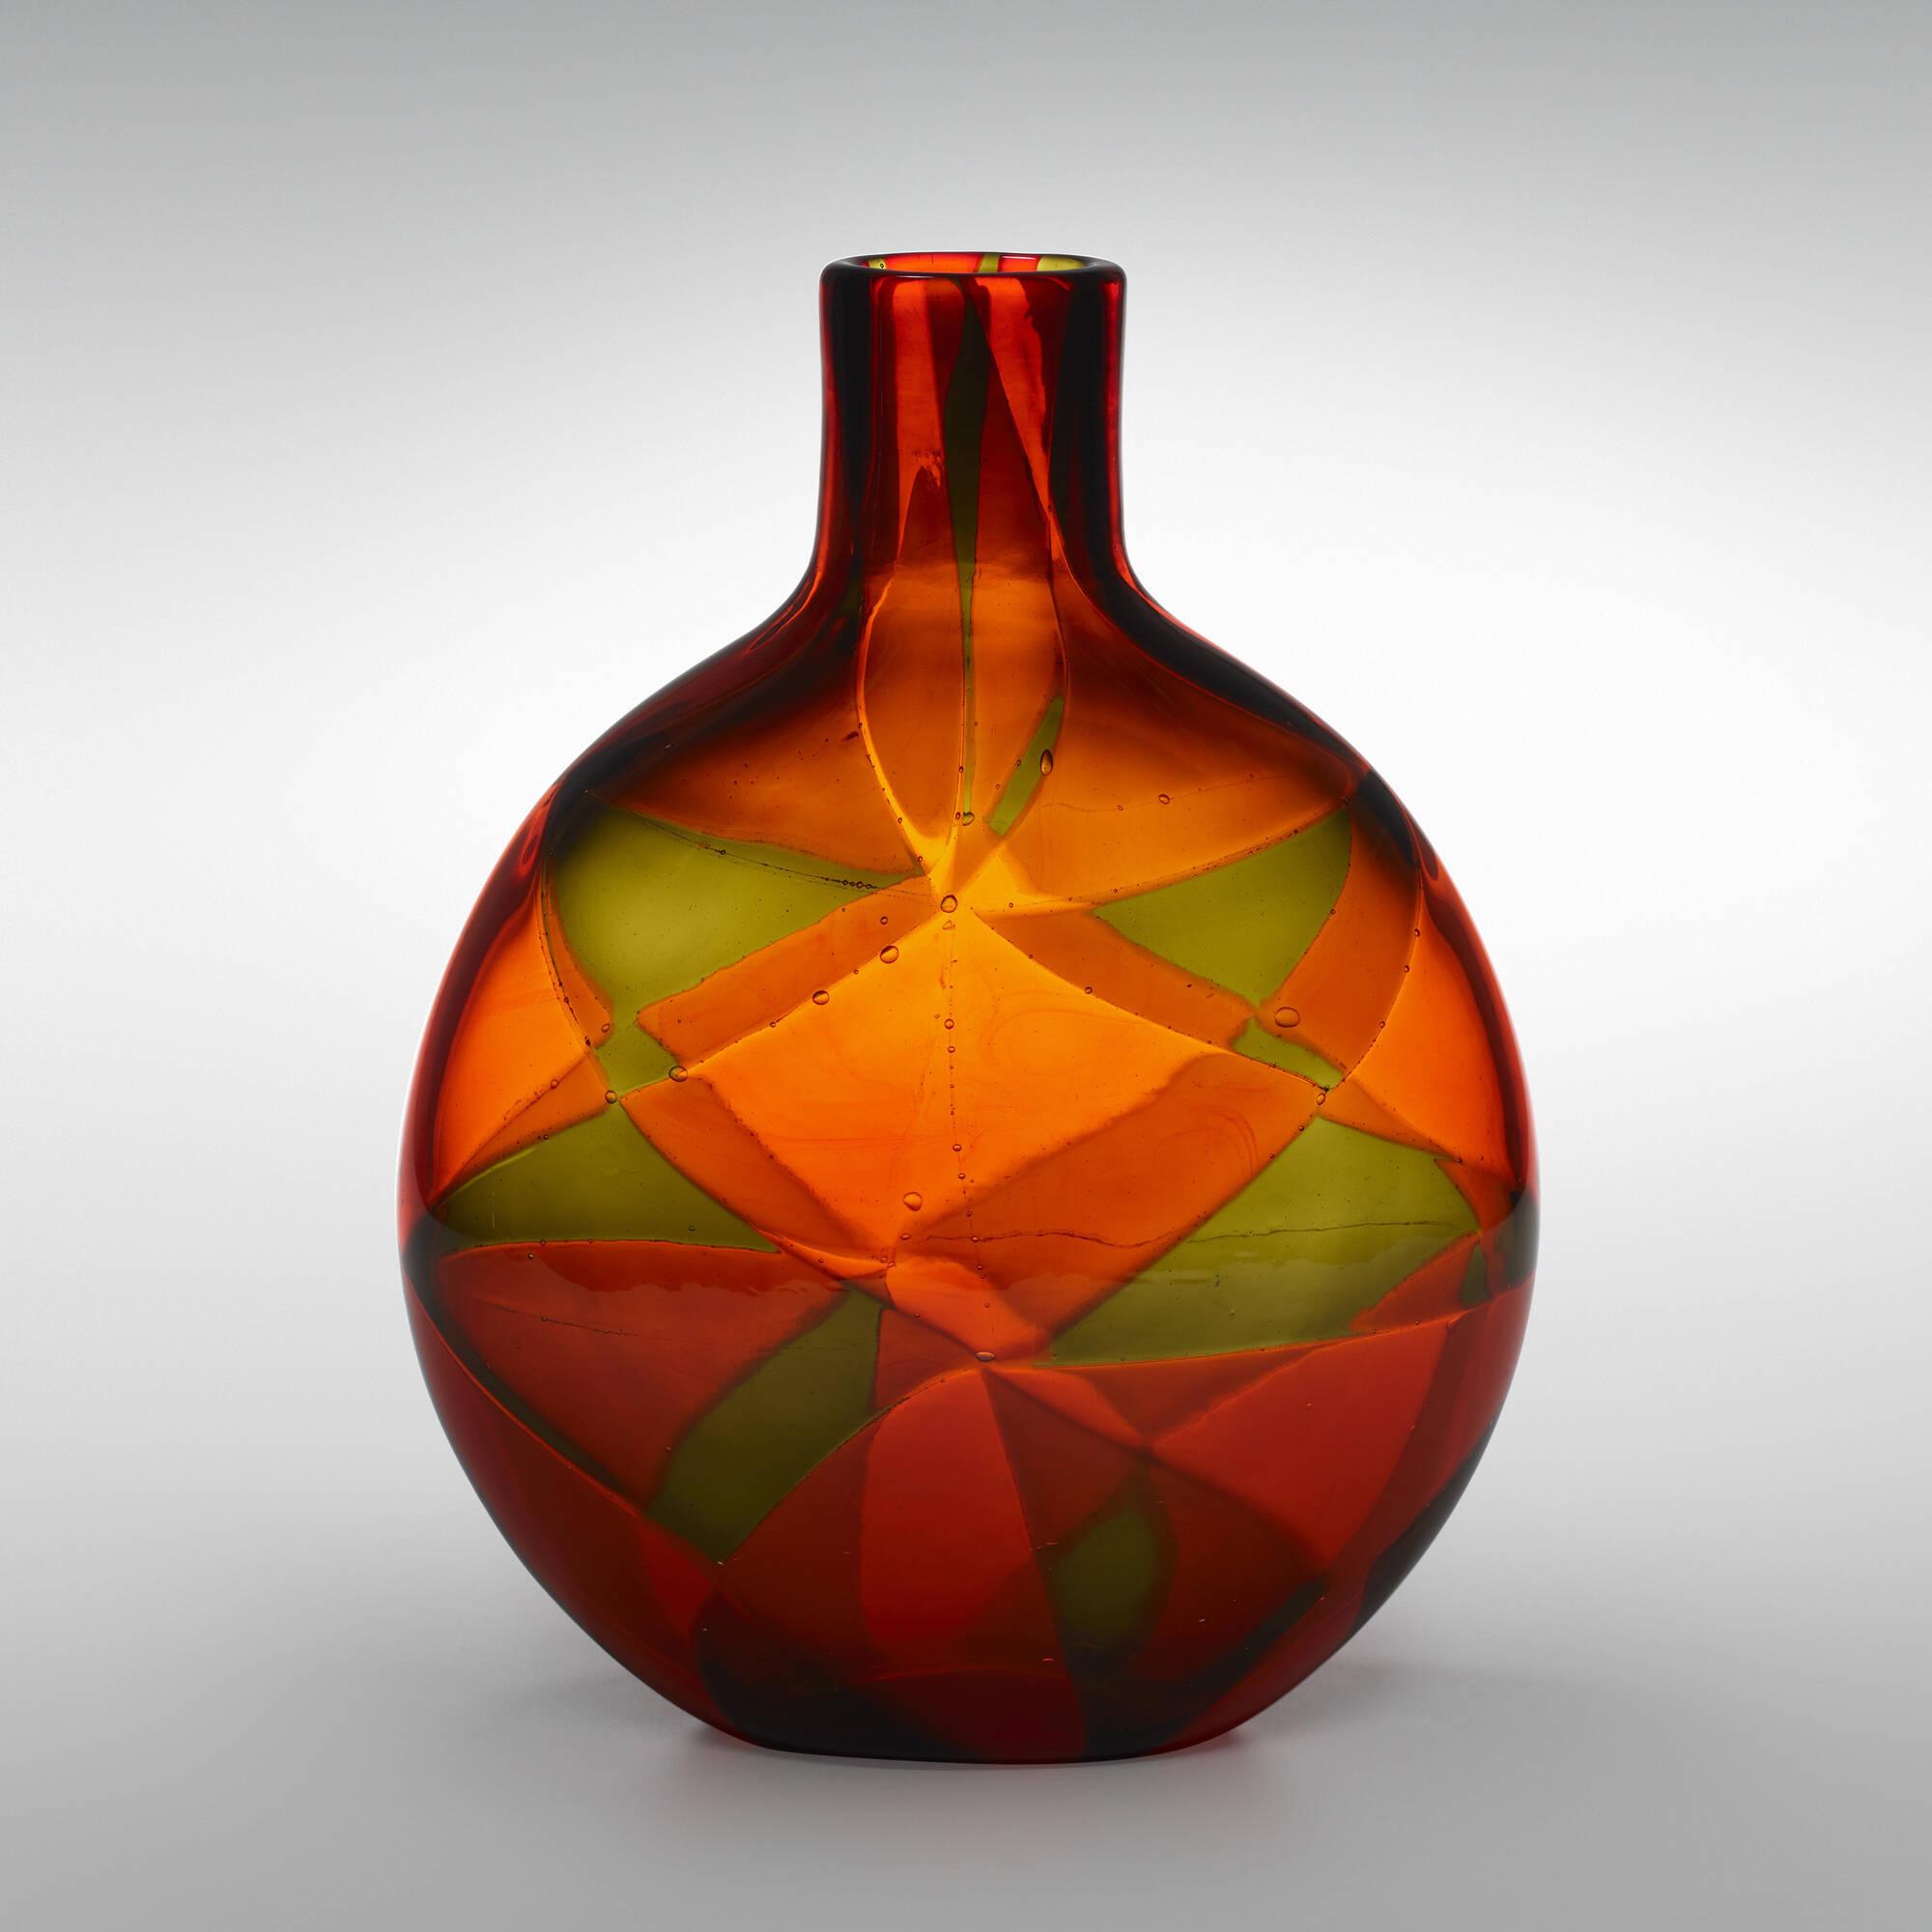 39: Ercole Barovier / Rare Intarsio vase (2 of 4)